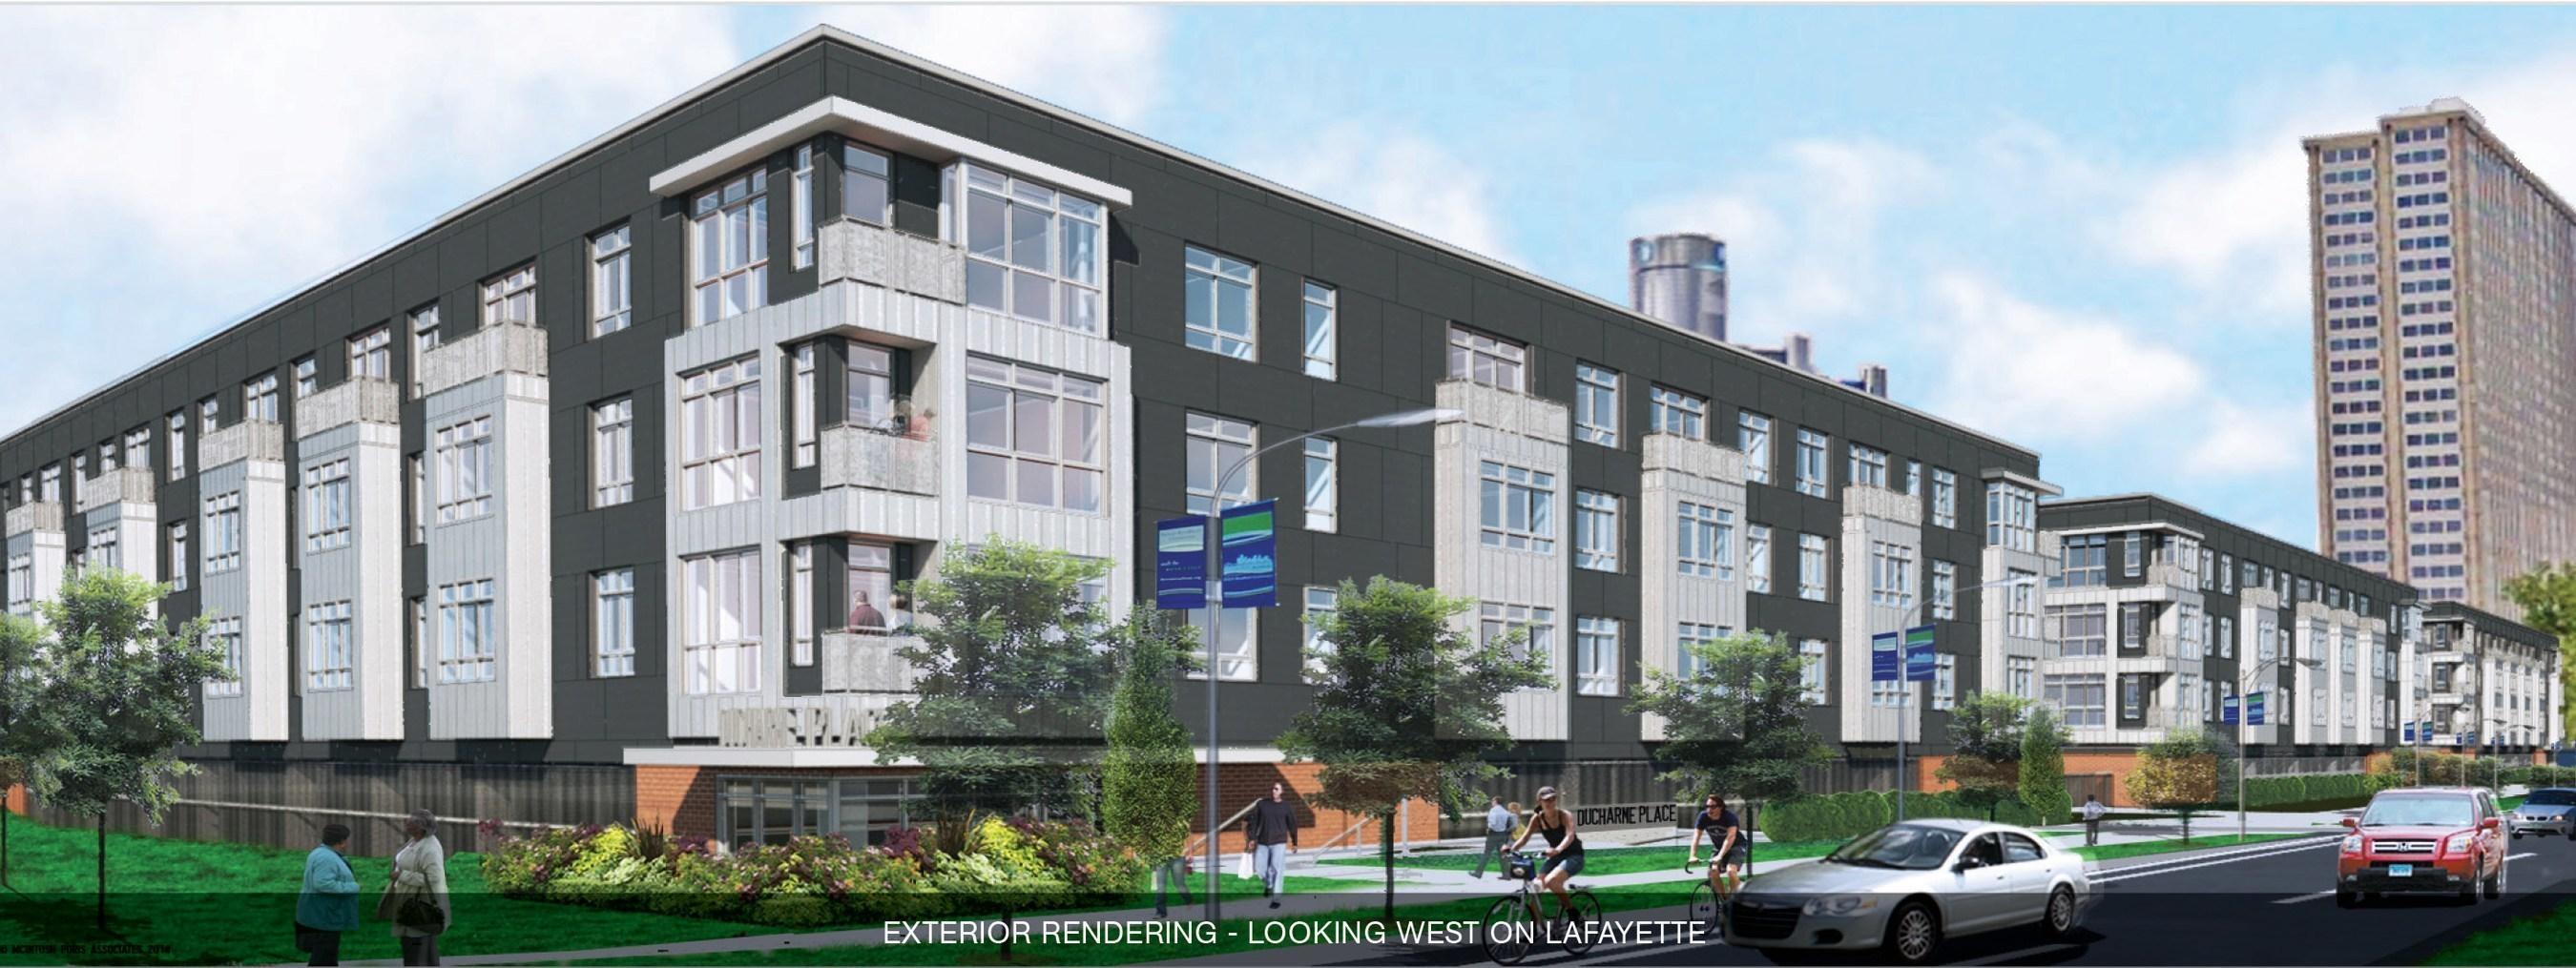 DuCharme Place, Detroit's Premier Downtown Apartment Community